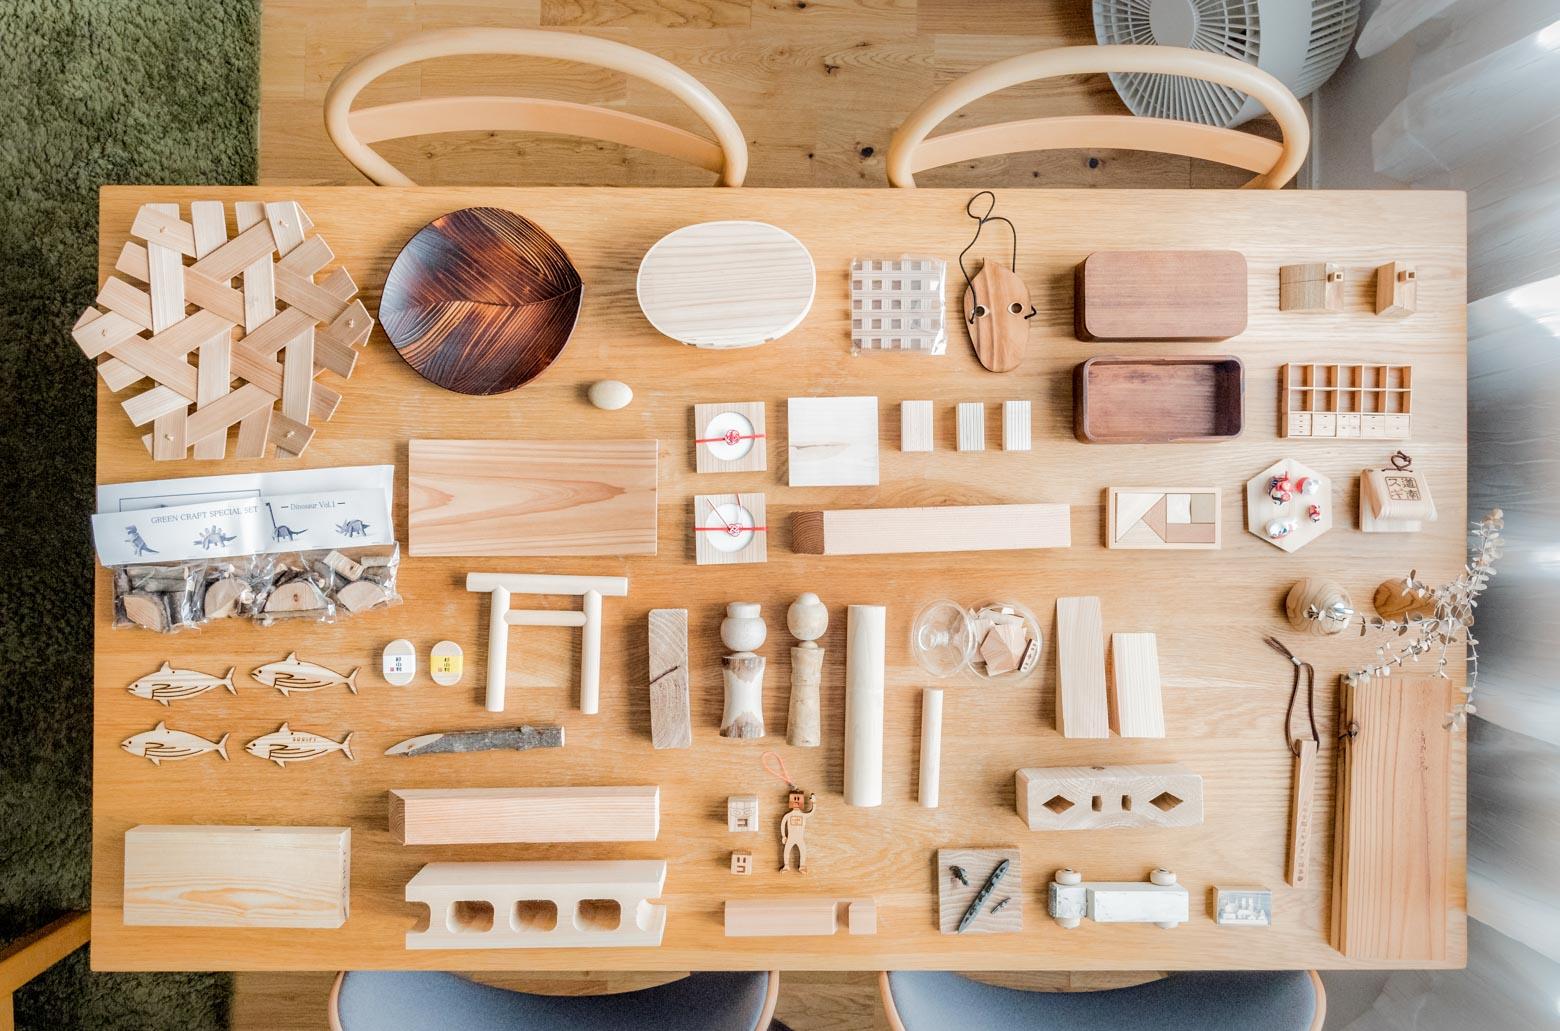 角材から器、グッズまで各種木素材のものがずらり。